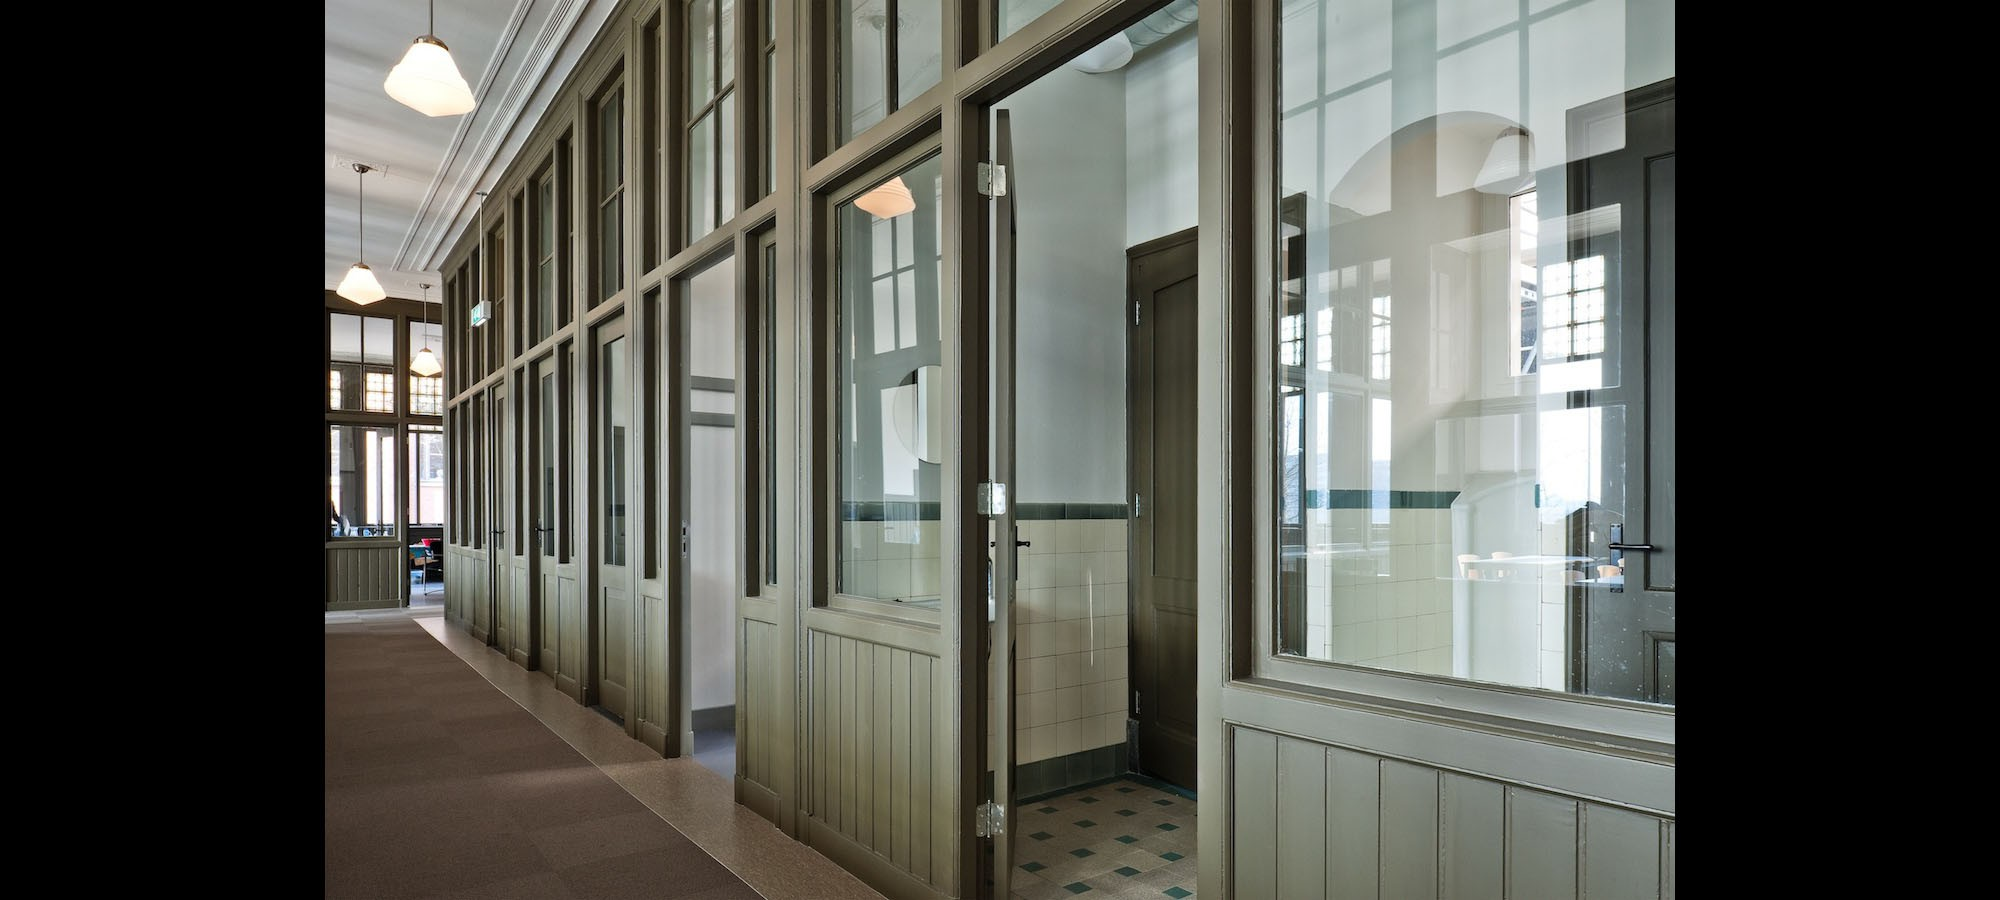 Ten Hope, Kantoren en Lyceum, voormalige pepermuntfabriek, Rotterdam  © drost + van veen architecten bv